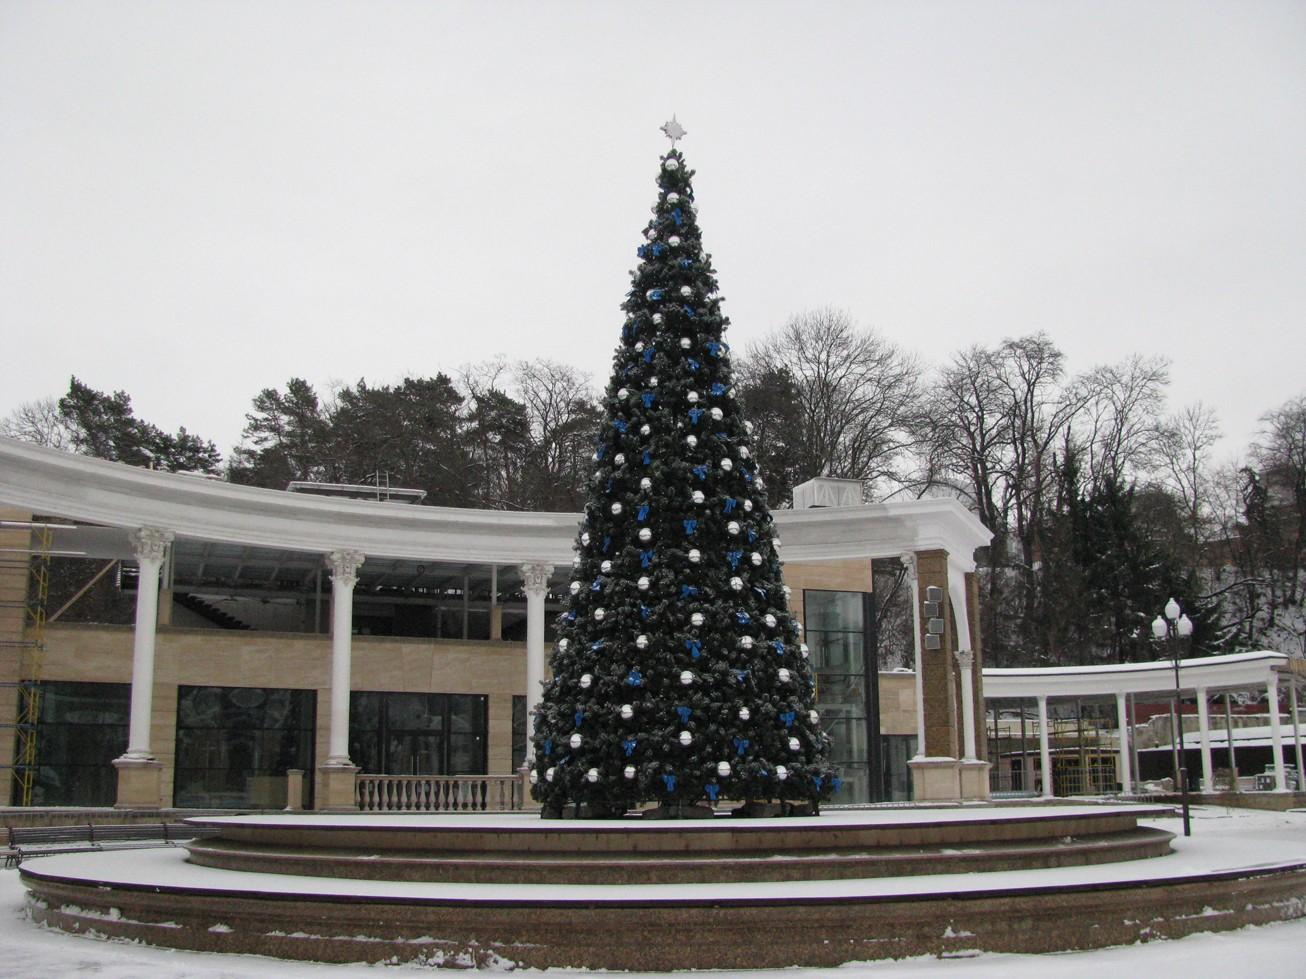 Дорогие жители и гости города-курорта Кисловодска! Приглашаем встретить Новый год вместе с нами на Курортном бульваре!